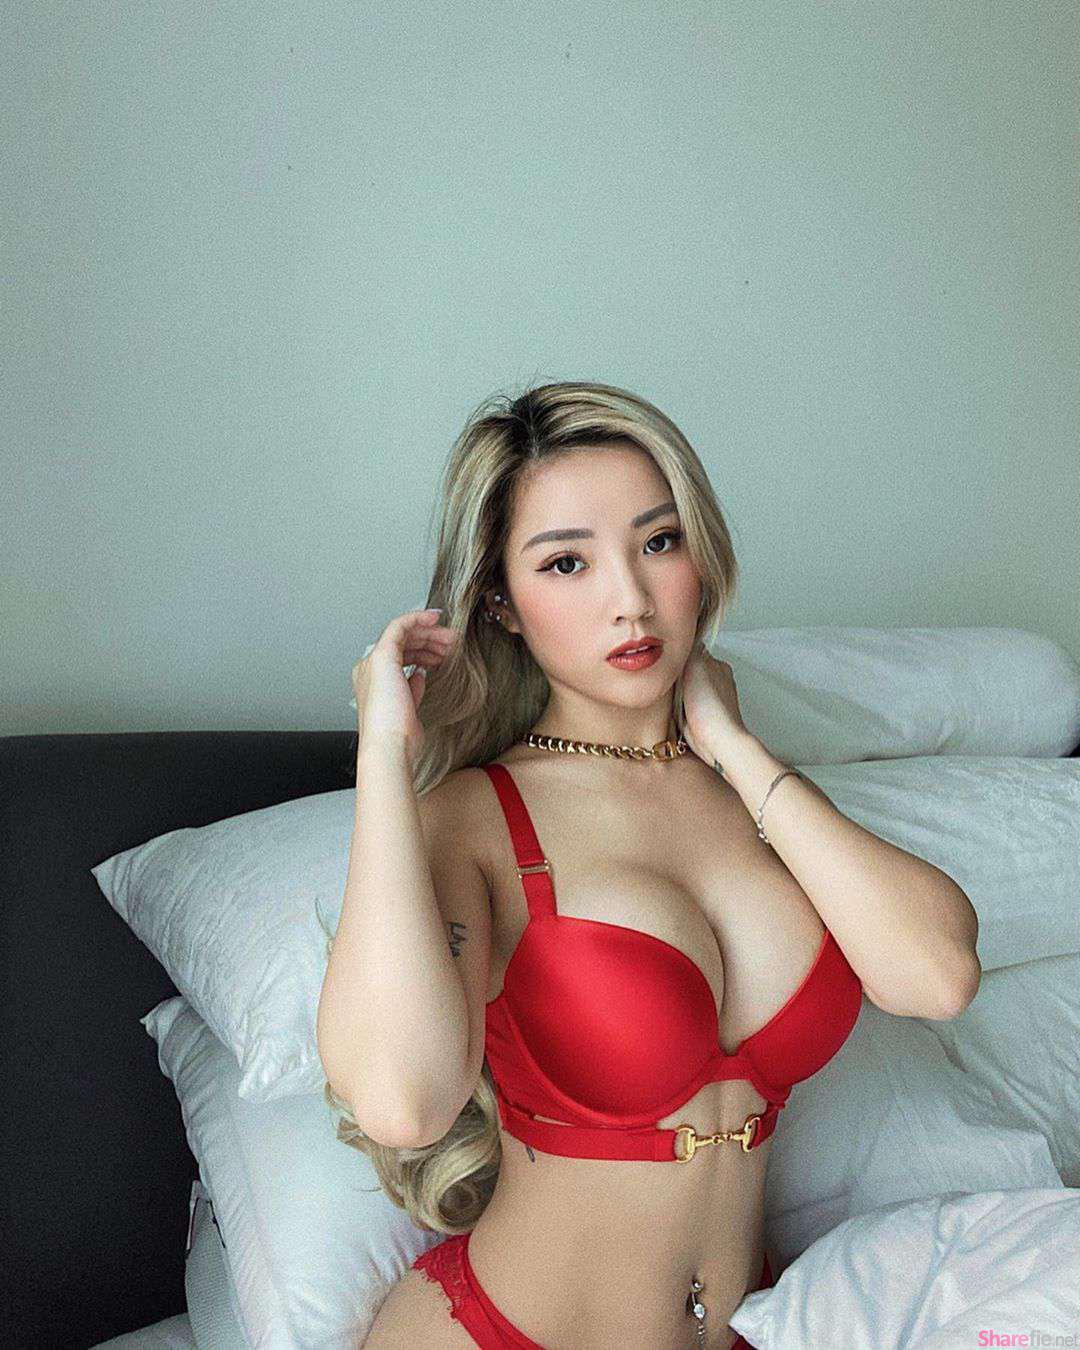 正妹Naomi Neo过年穿红内衣,超凶性感身材辣到不行